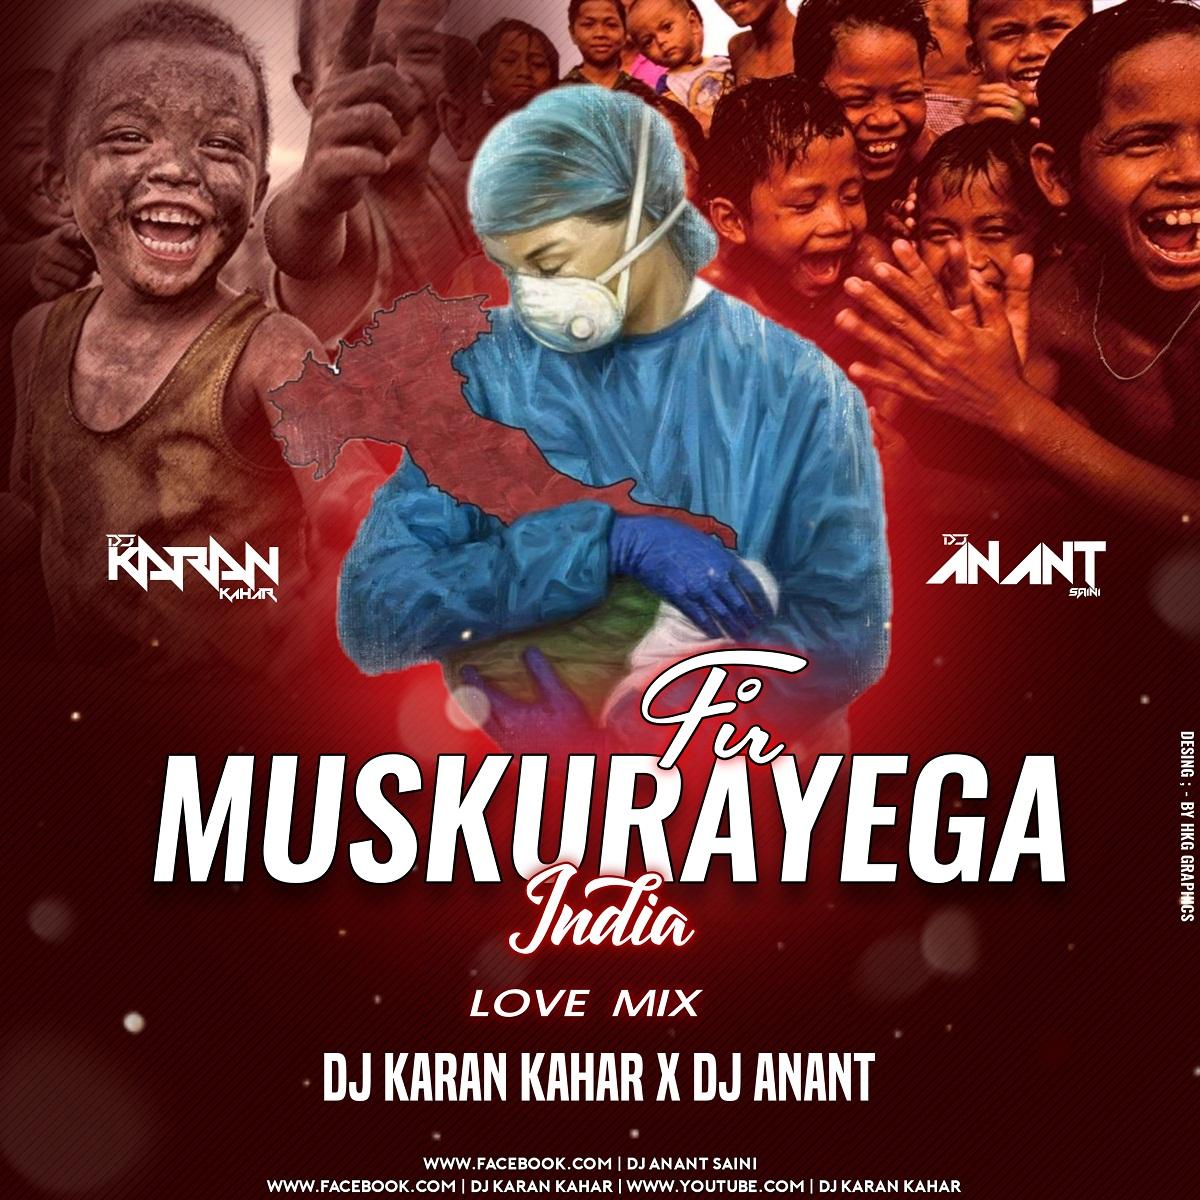 Muskurayega India Remix DJ Karan Kahar x DJ Anant